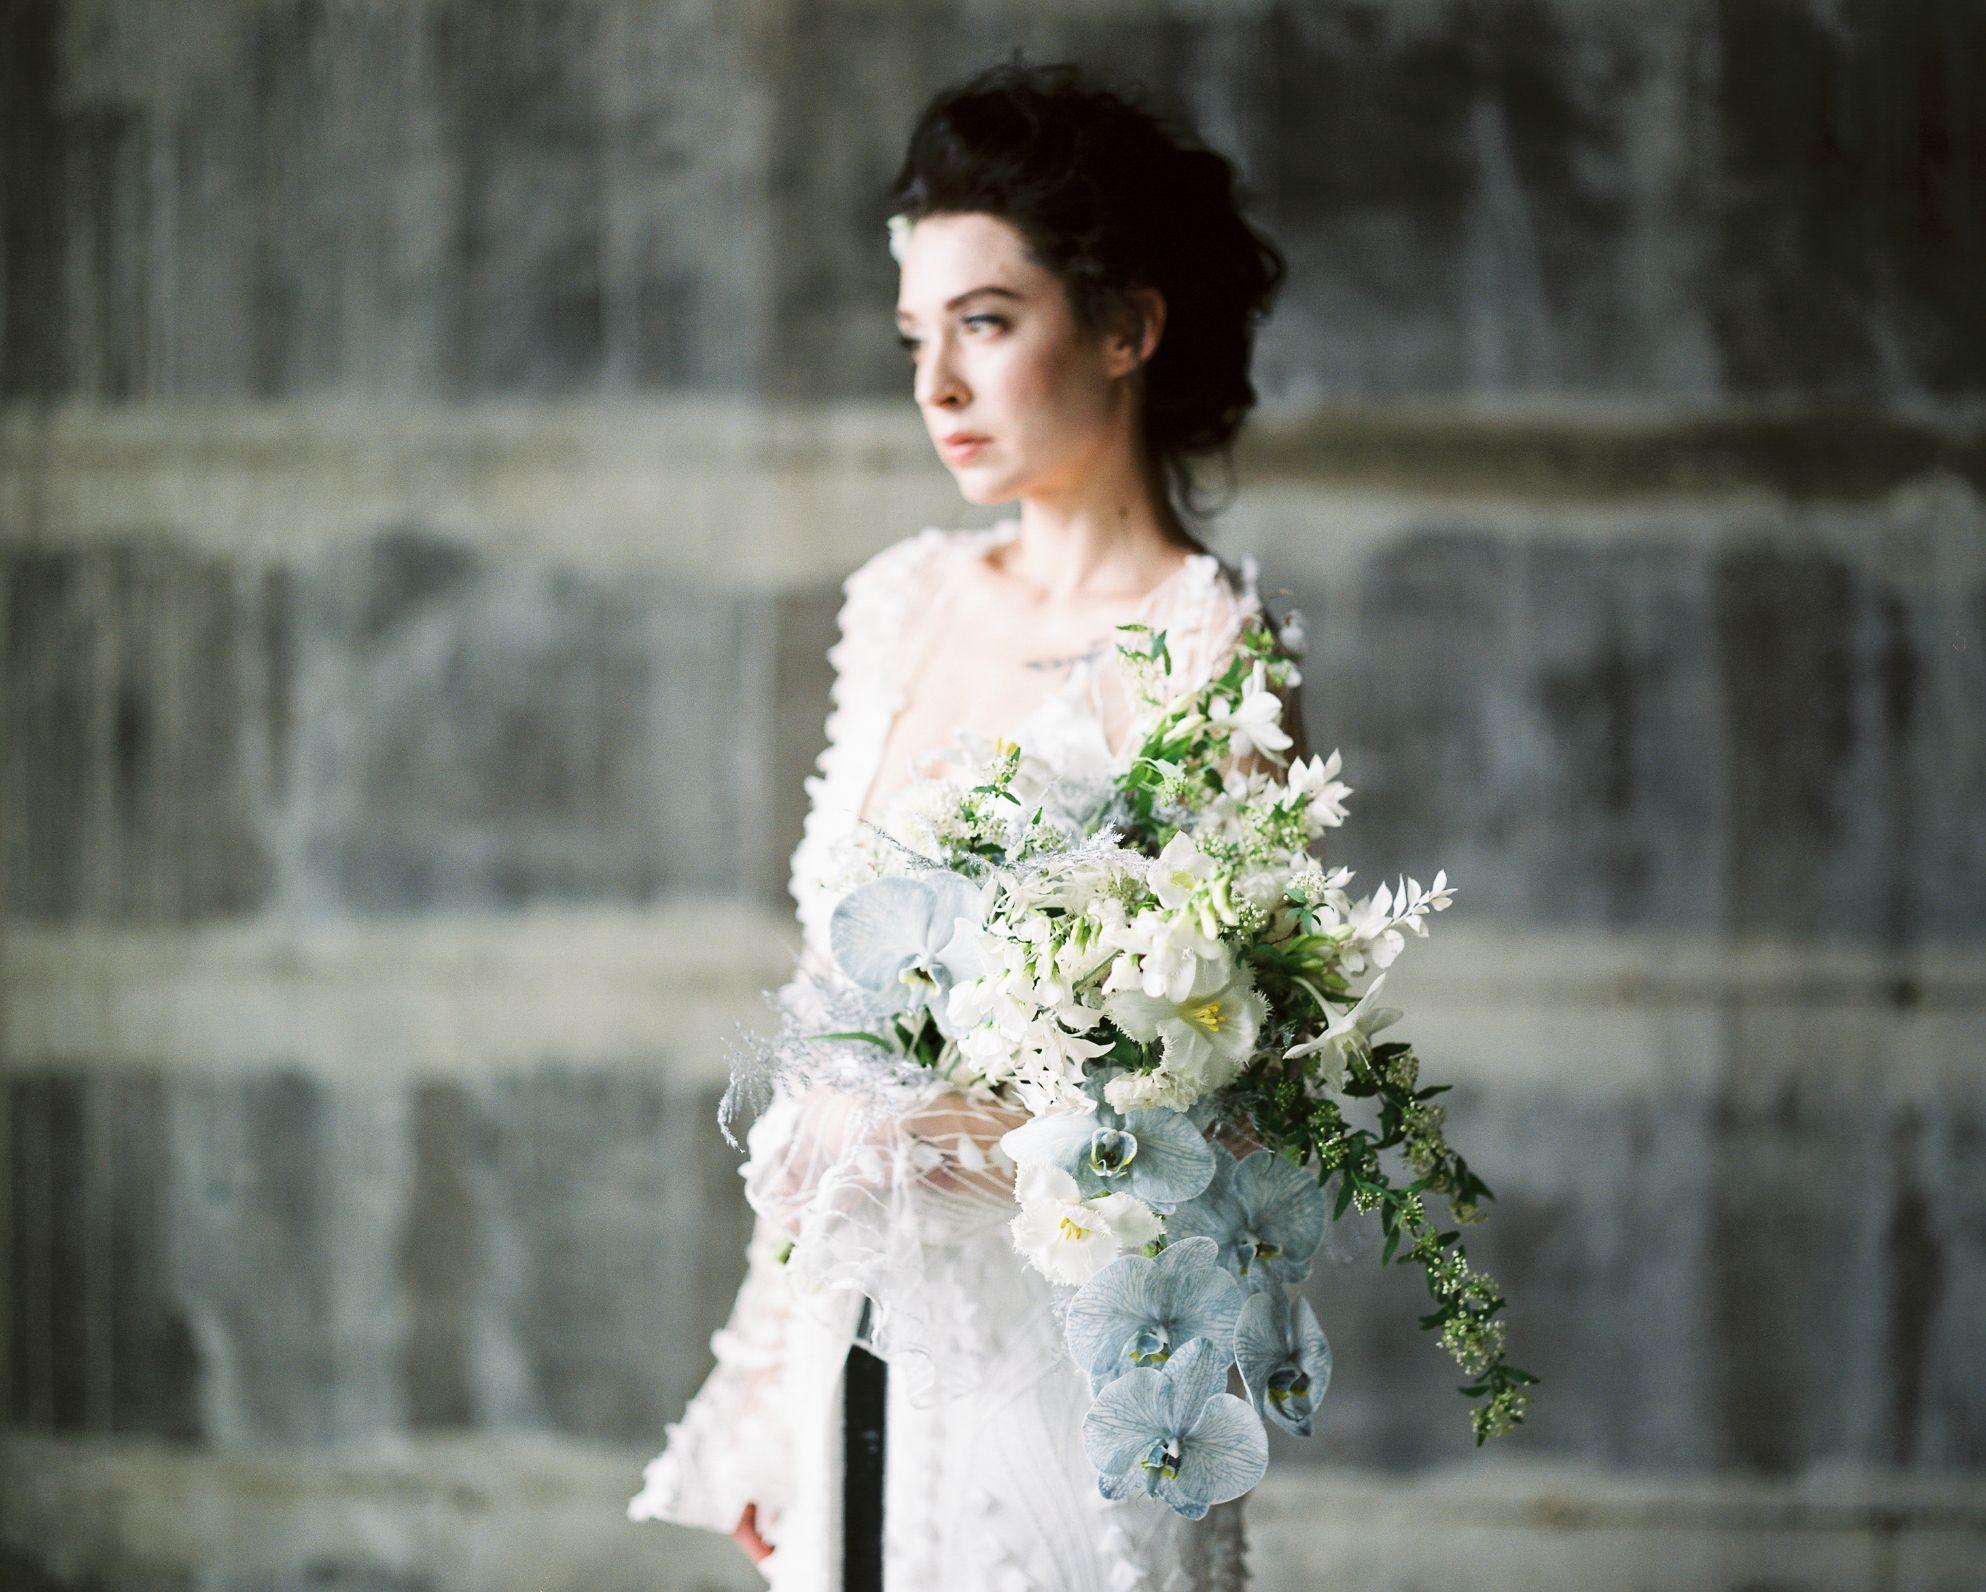 olio-peabody-boston-lesbian-wedding-style-daylynn-designs10 2.jpg